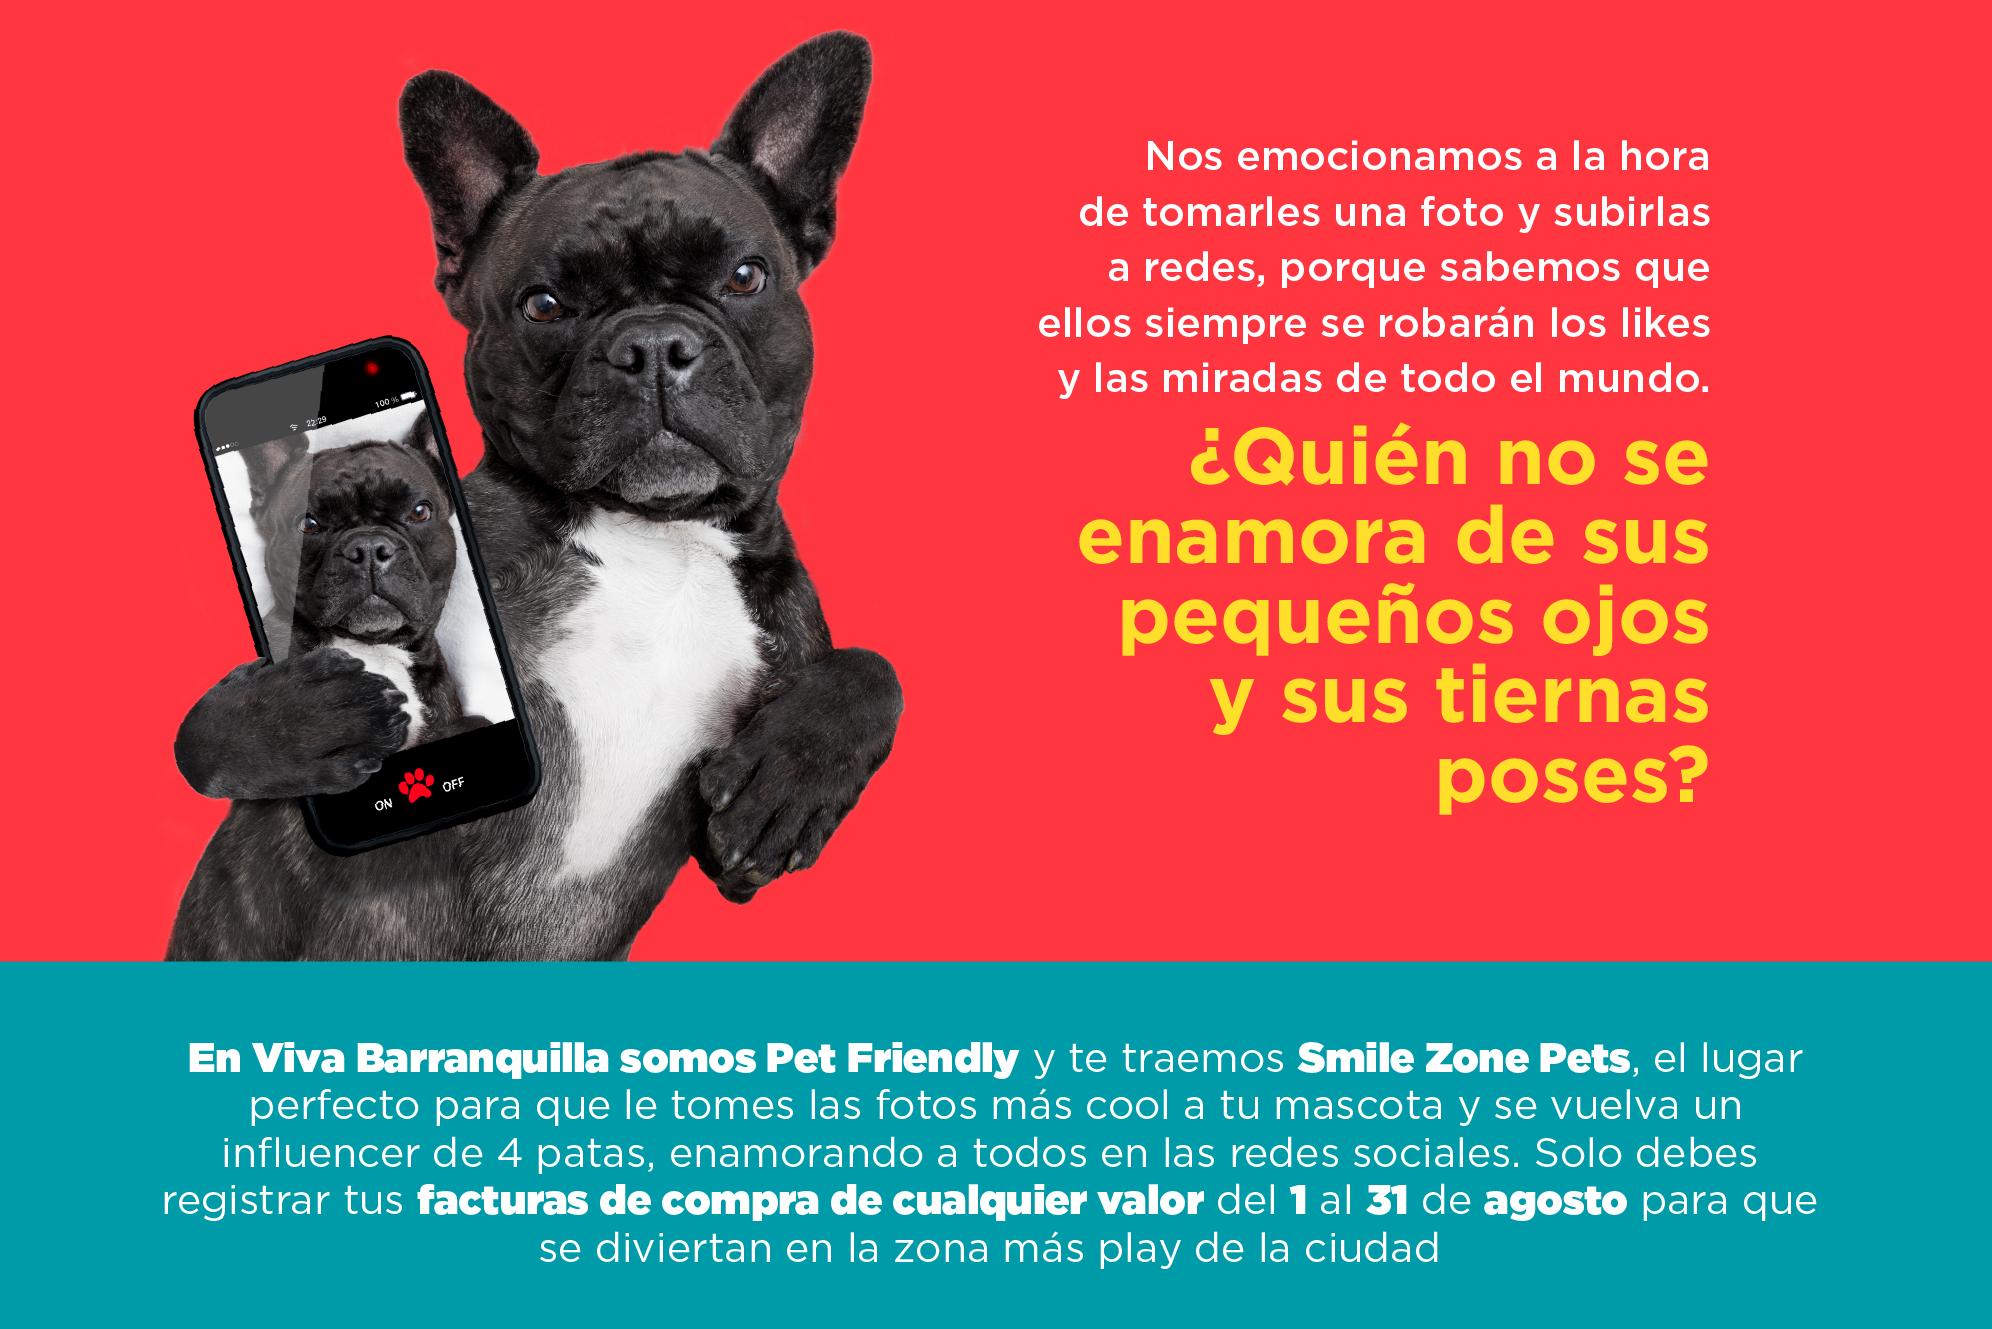 Smilezone Pet